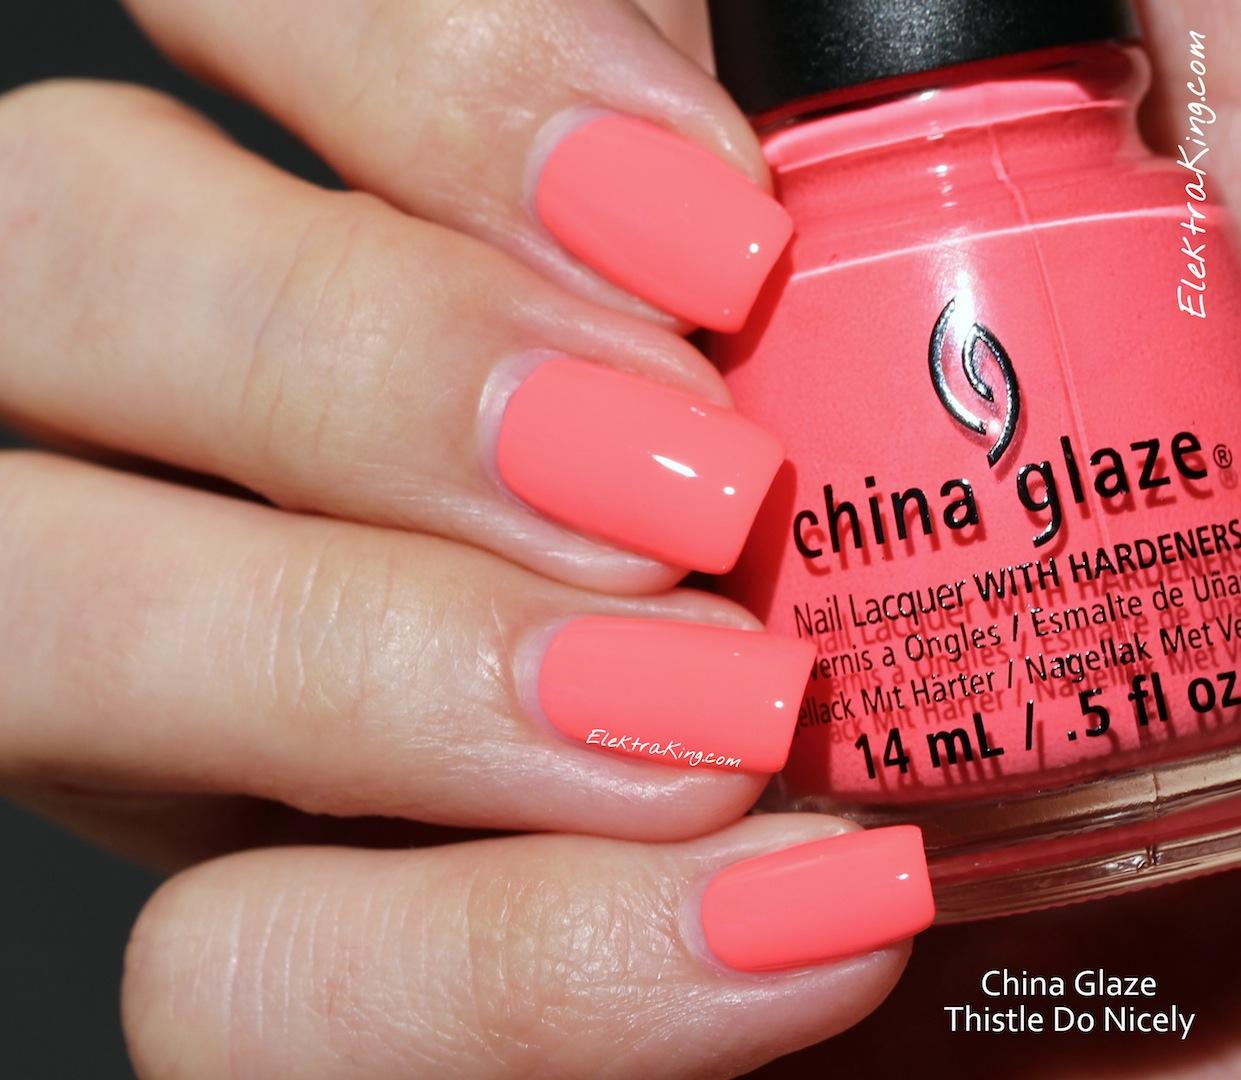 China Glaze Thistle Do Nicely